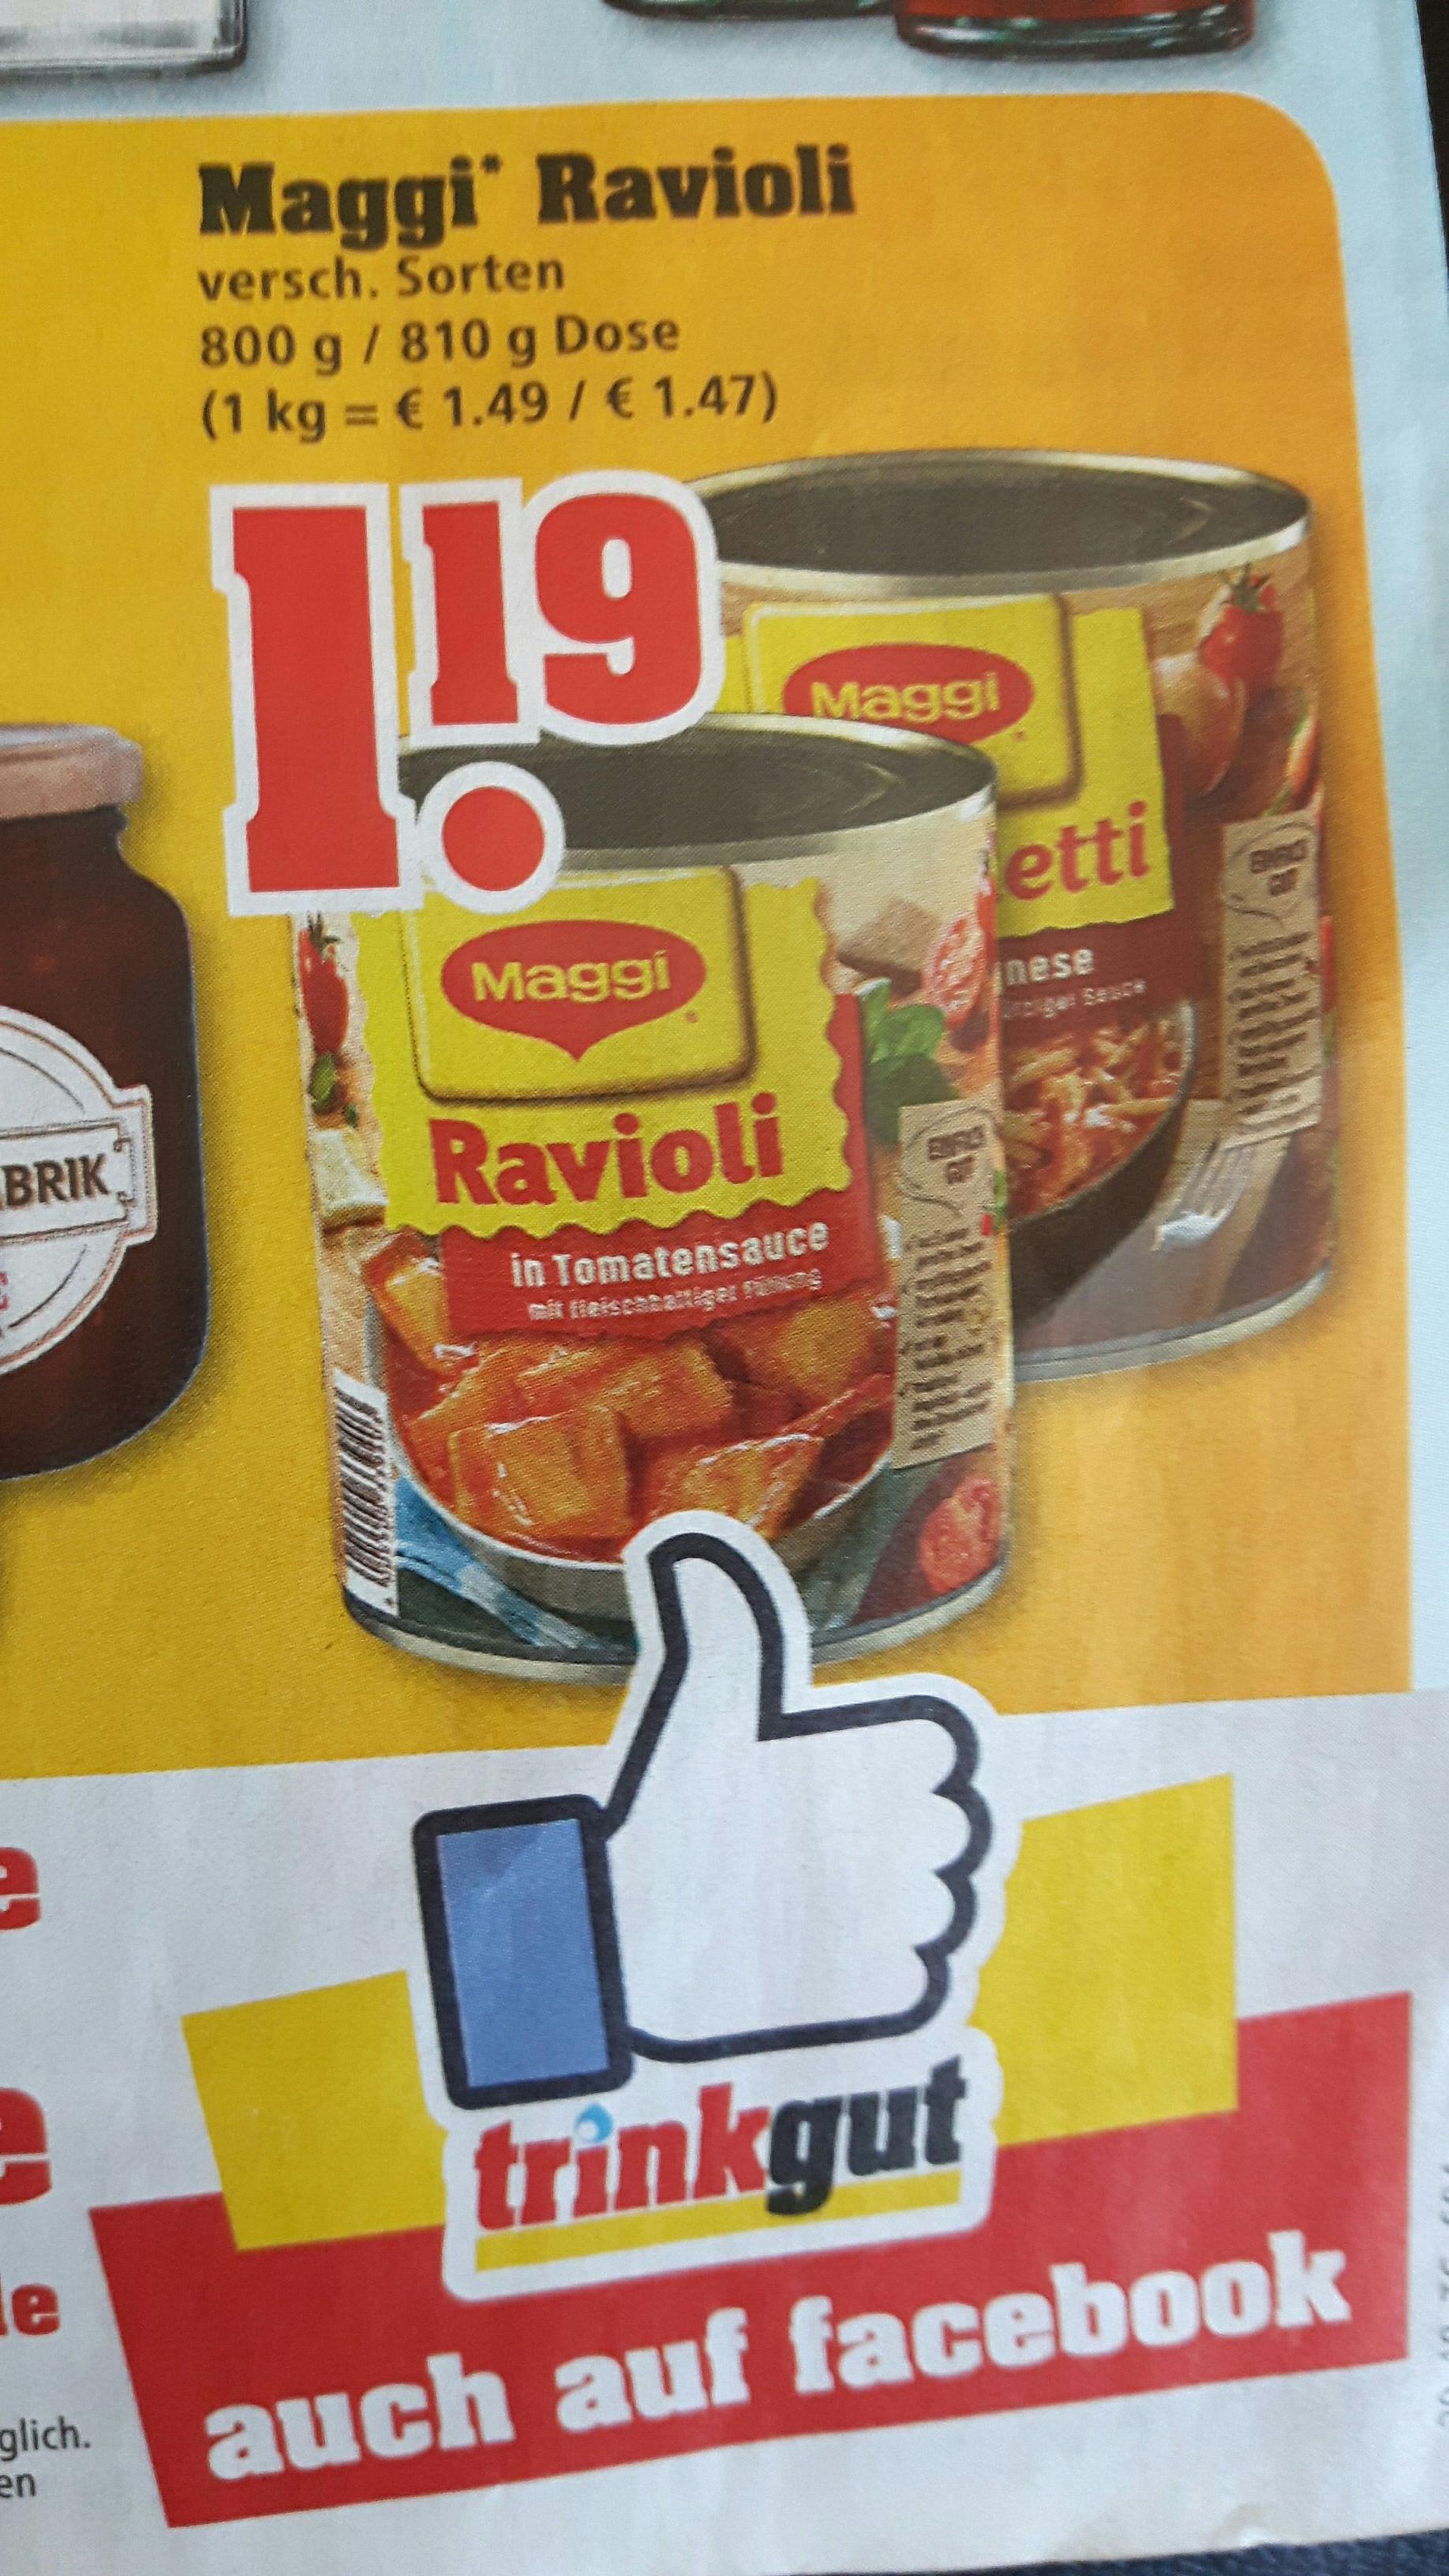 [trinkgut] Maggi Ravioli für 1,19€